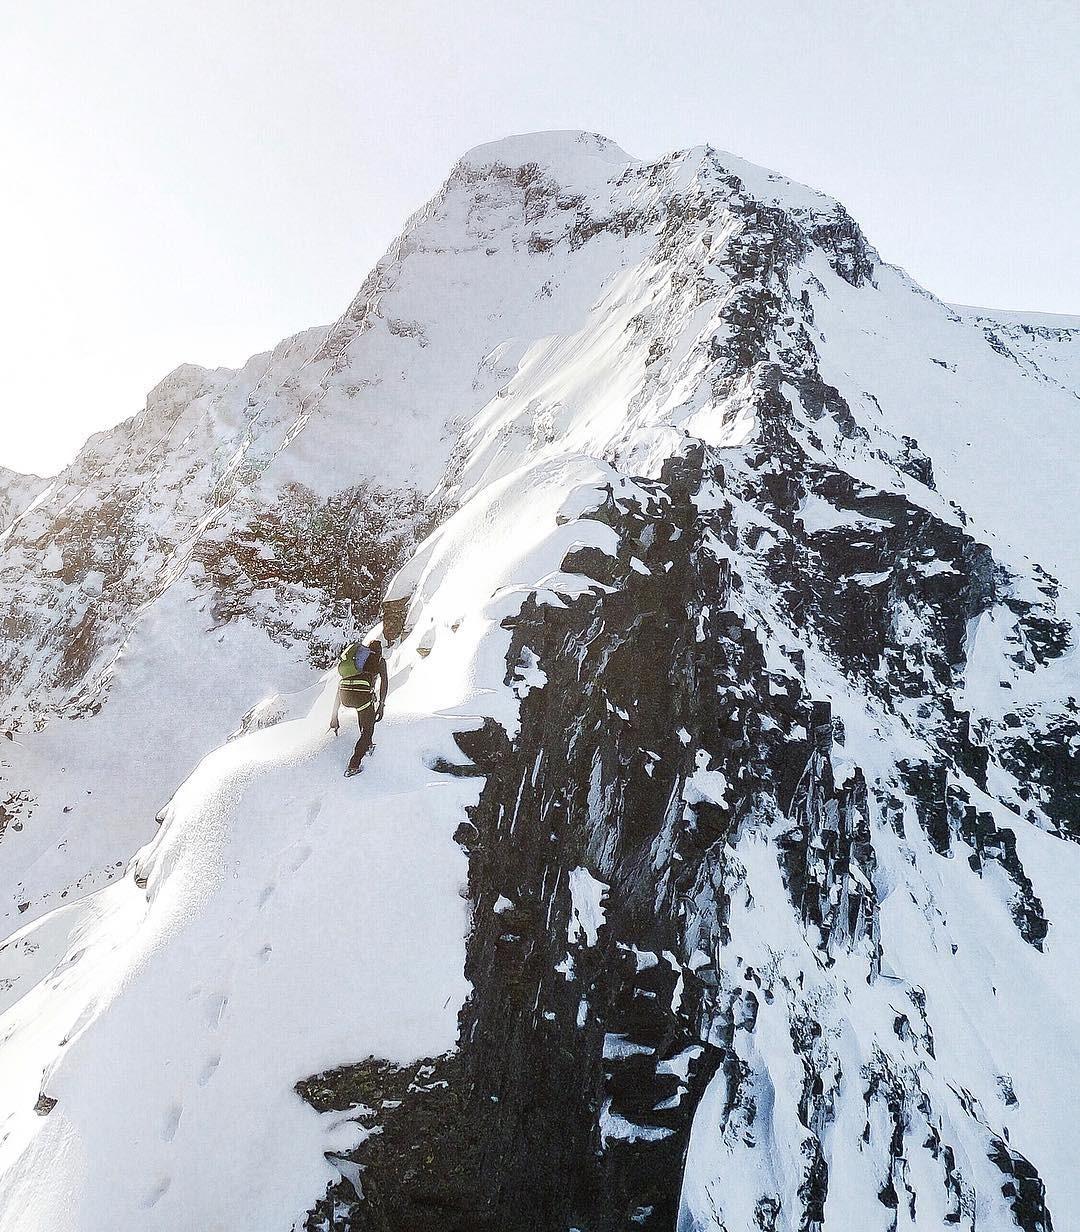 Fotografía montaña Pirineos by @pvignaux